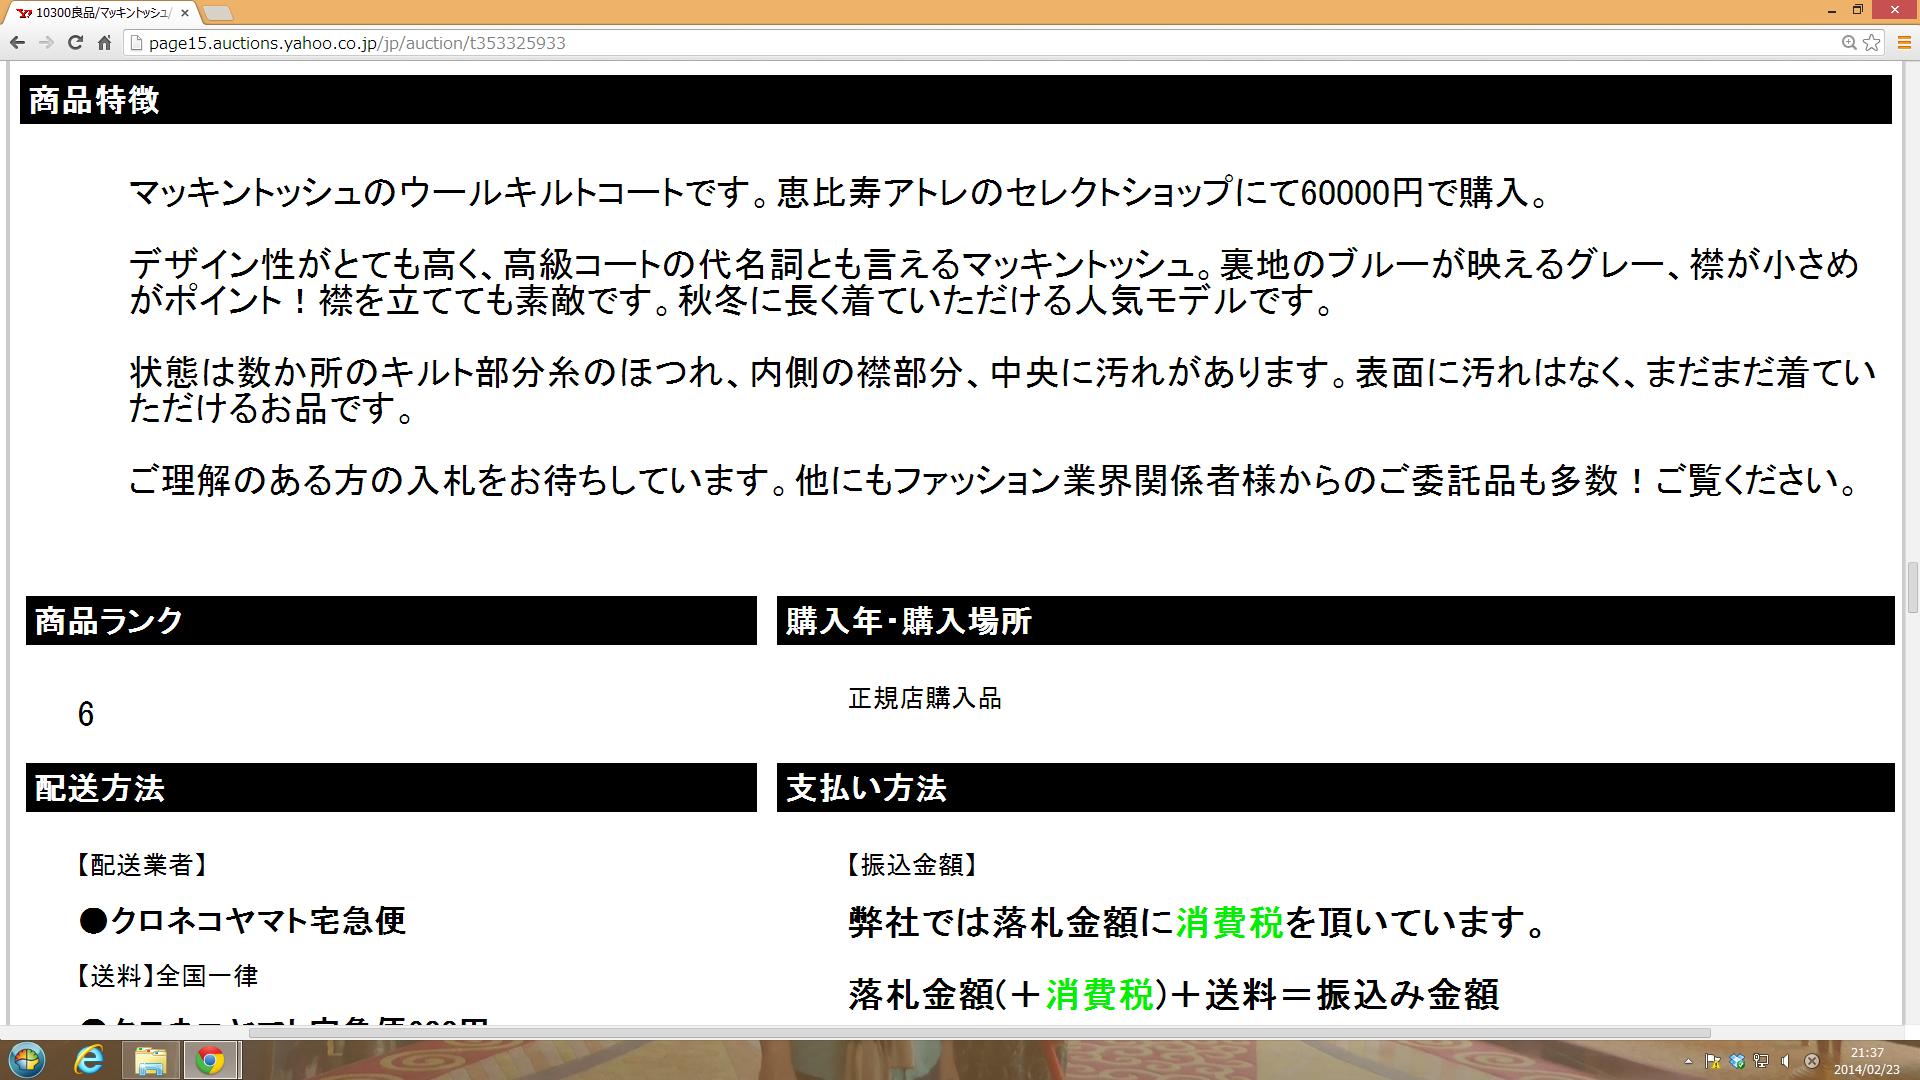 スクリーンショット 2014-02-23 21.37.52